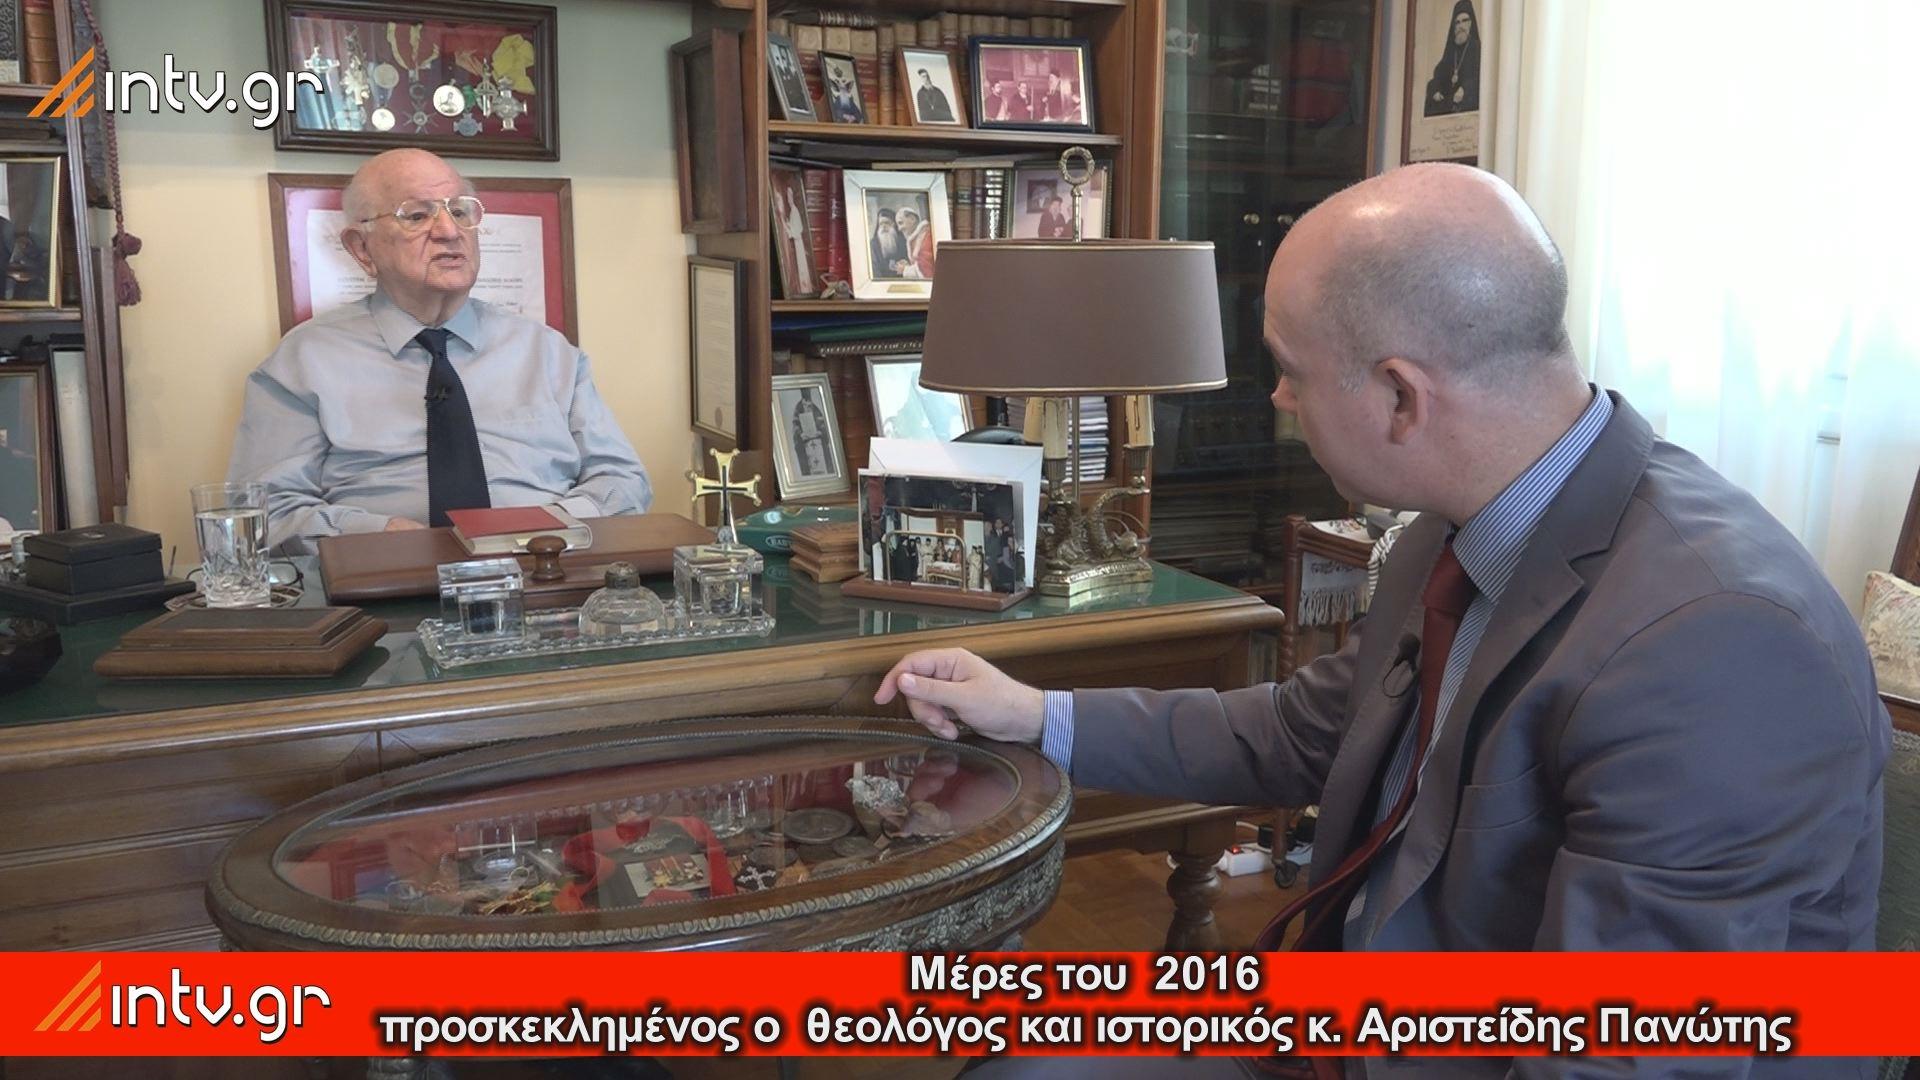 Μέρες του  2016 - προσκεκλημένος ο  θεολόγος και ιστορικός κ. Αριστείδης Πανώτης